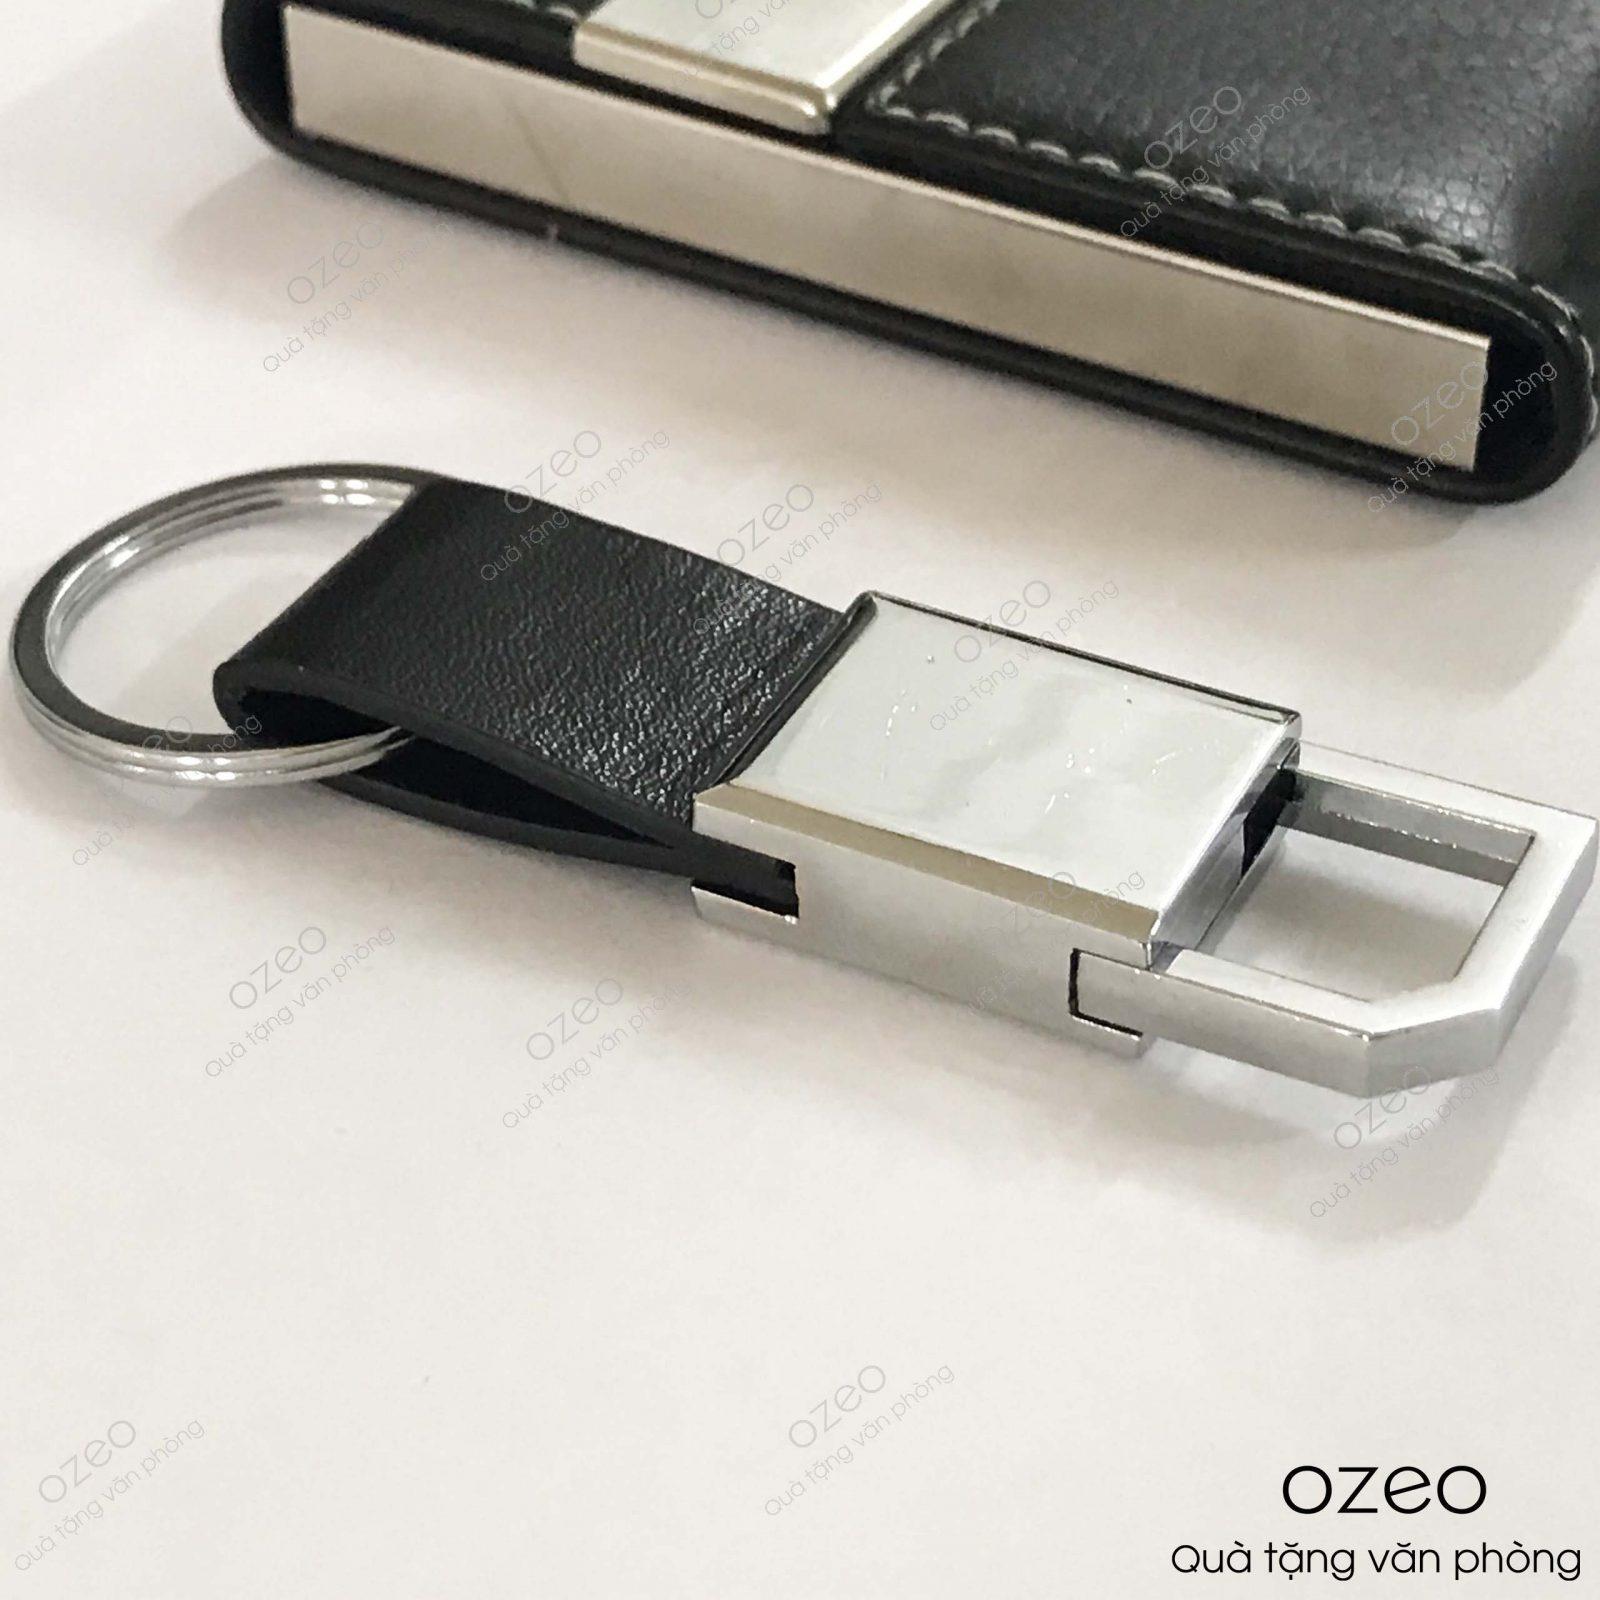 Móc khóa dây da MK003 có bề mặt kim loại có thể khắc tên, khắc logo theo yêu cầu.